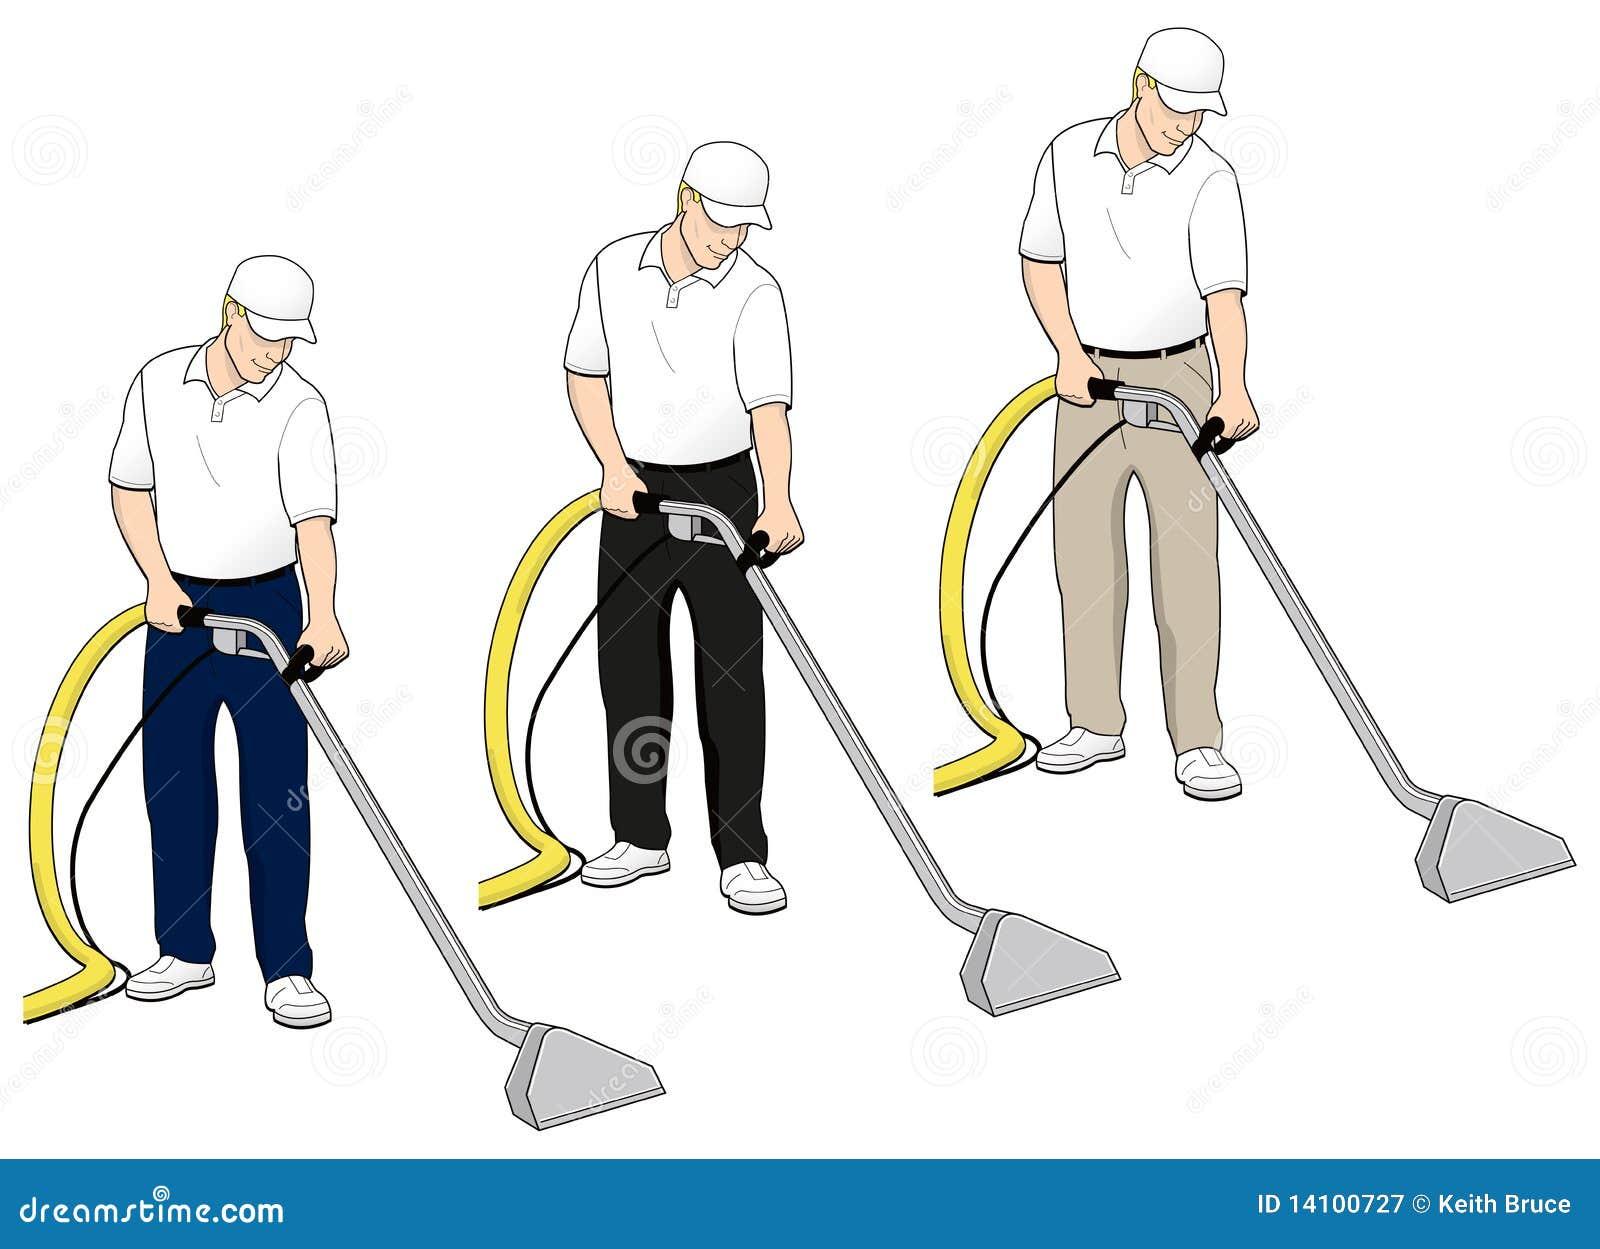 El arte de clip de la tecnología de la limpieza de la alfombra fijó 4